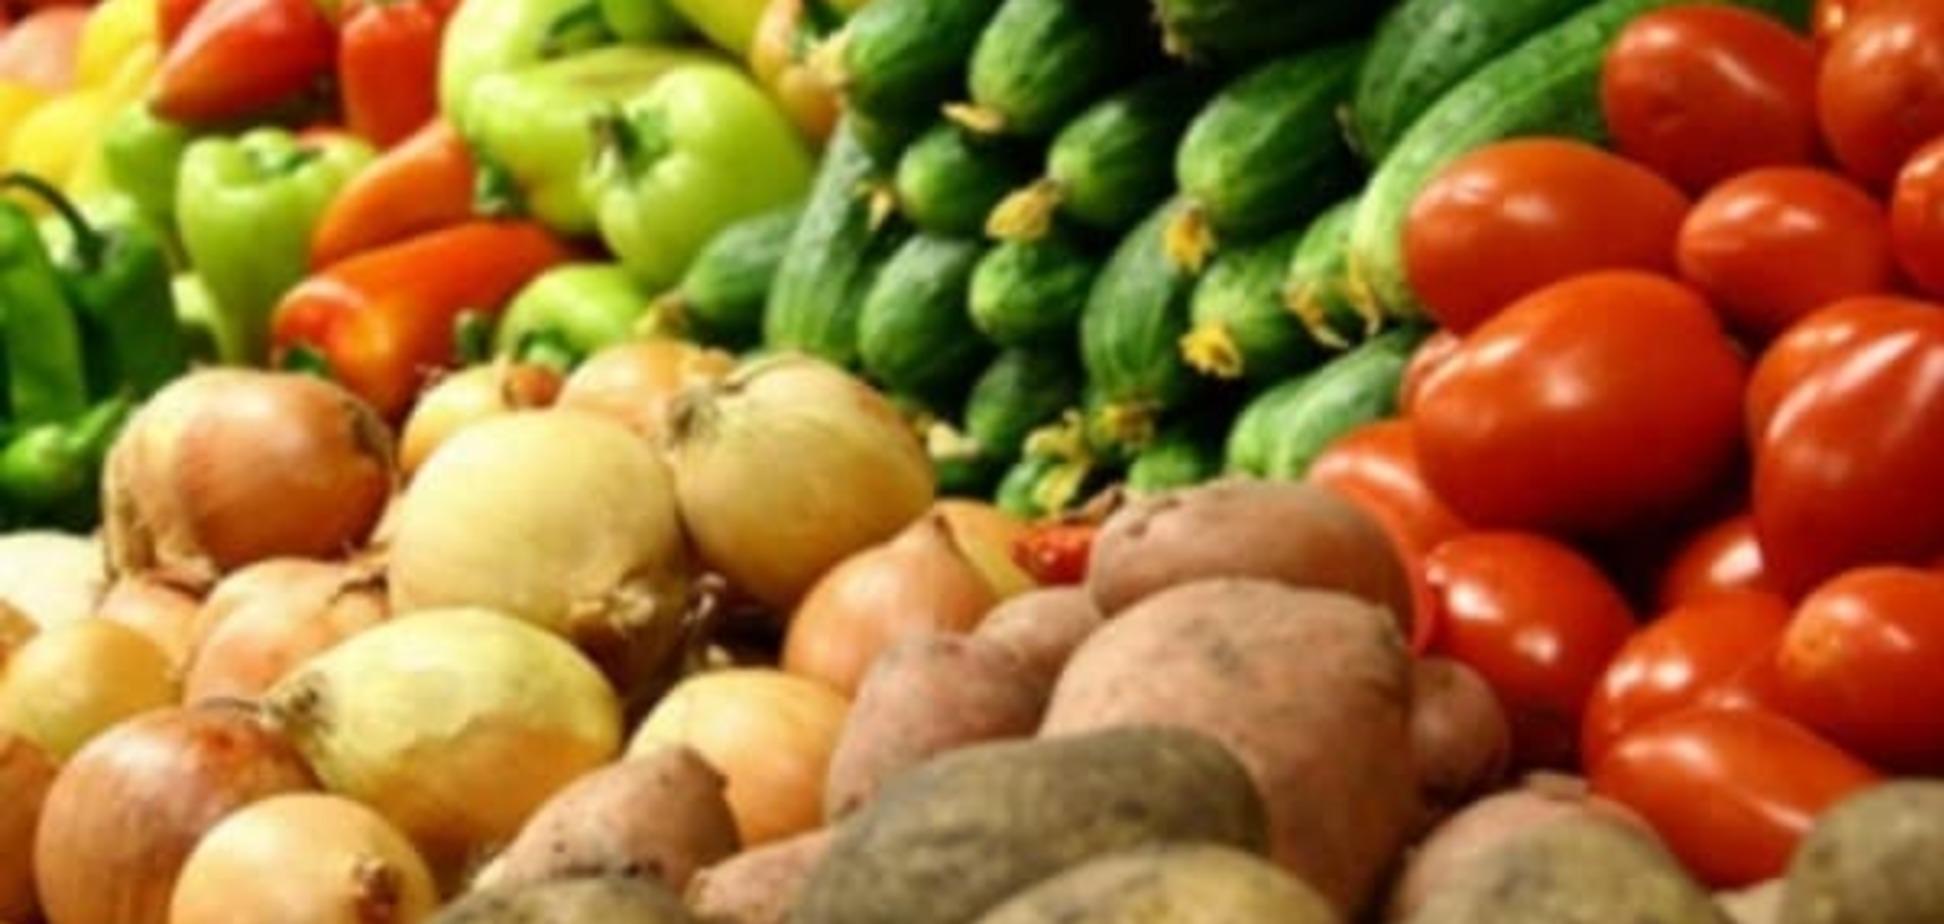 Рекордсмен: эксперты назвали овощ, который больше всего подорожал в Украине